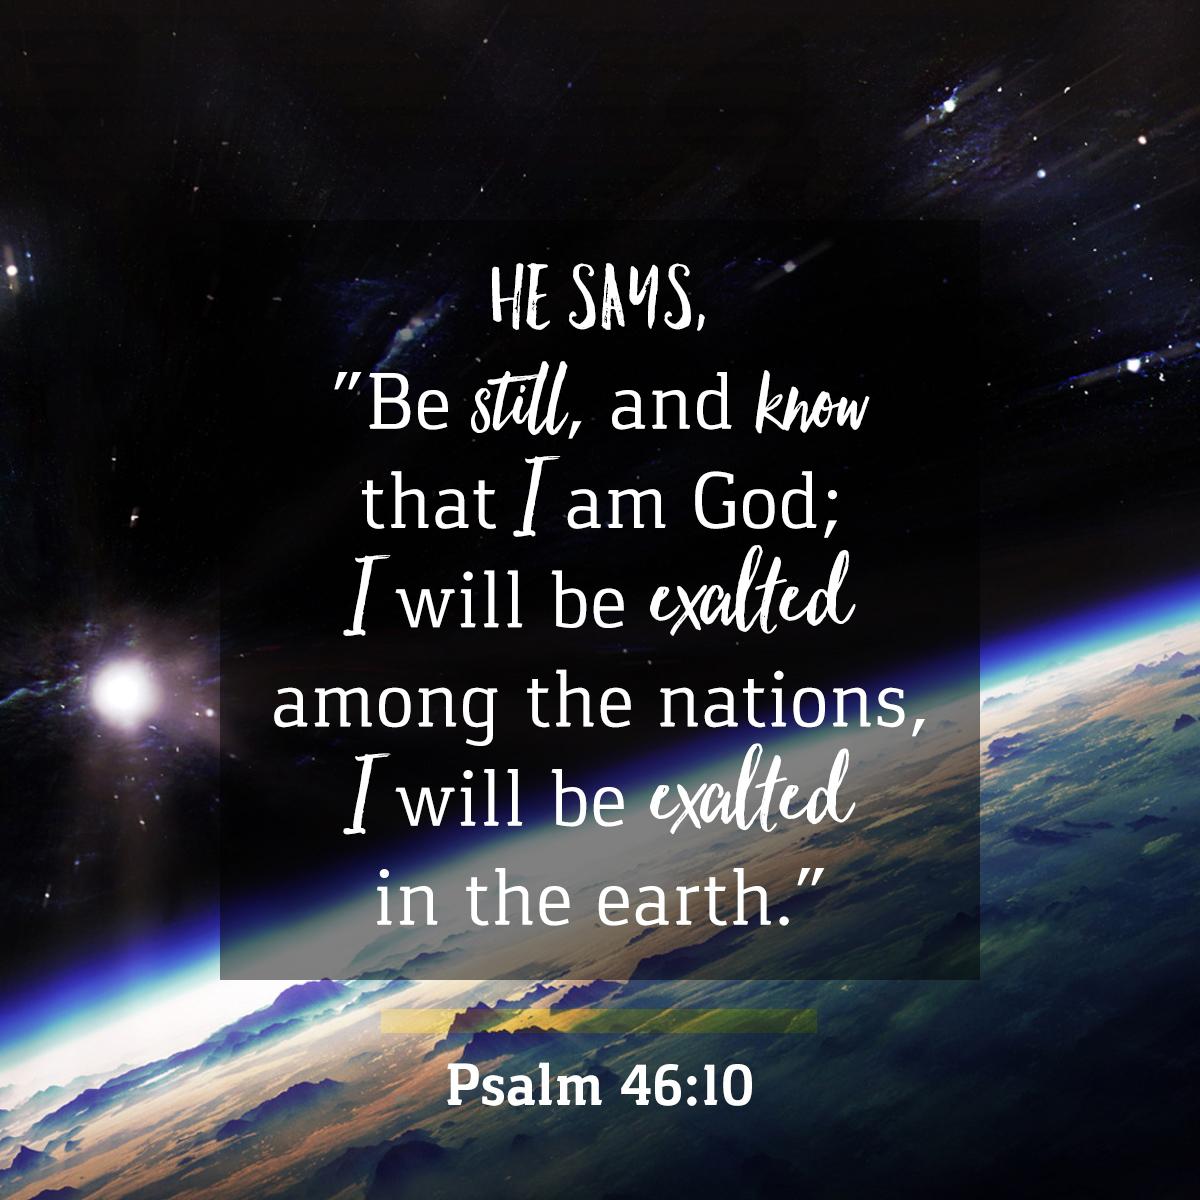 Verse - Psalm 46:10